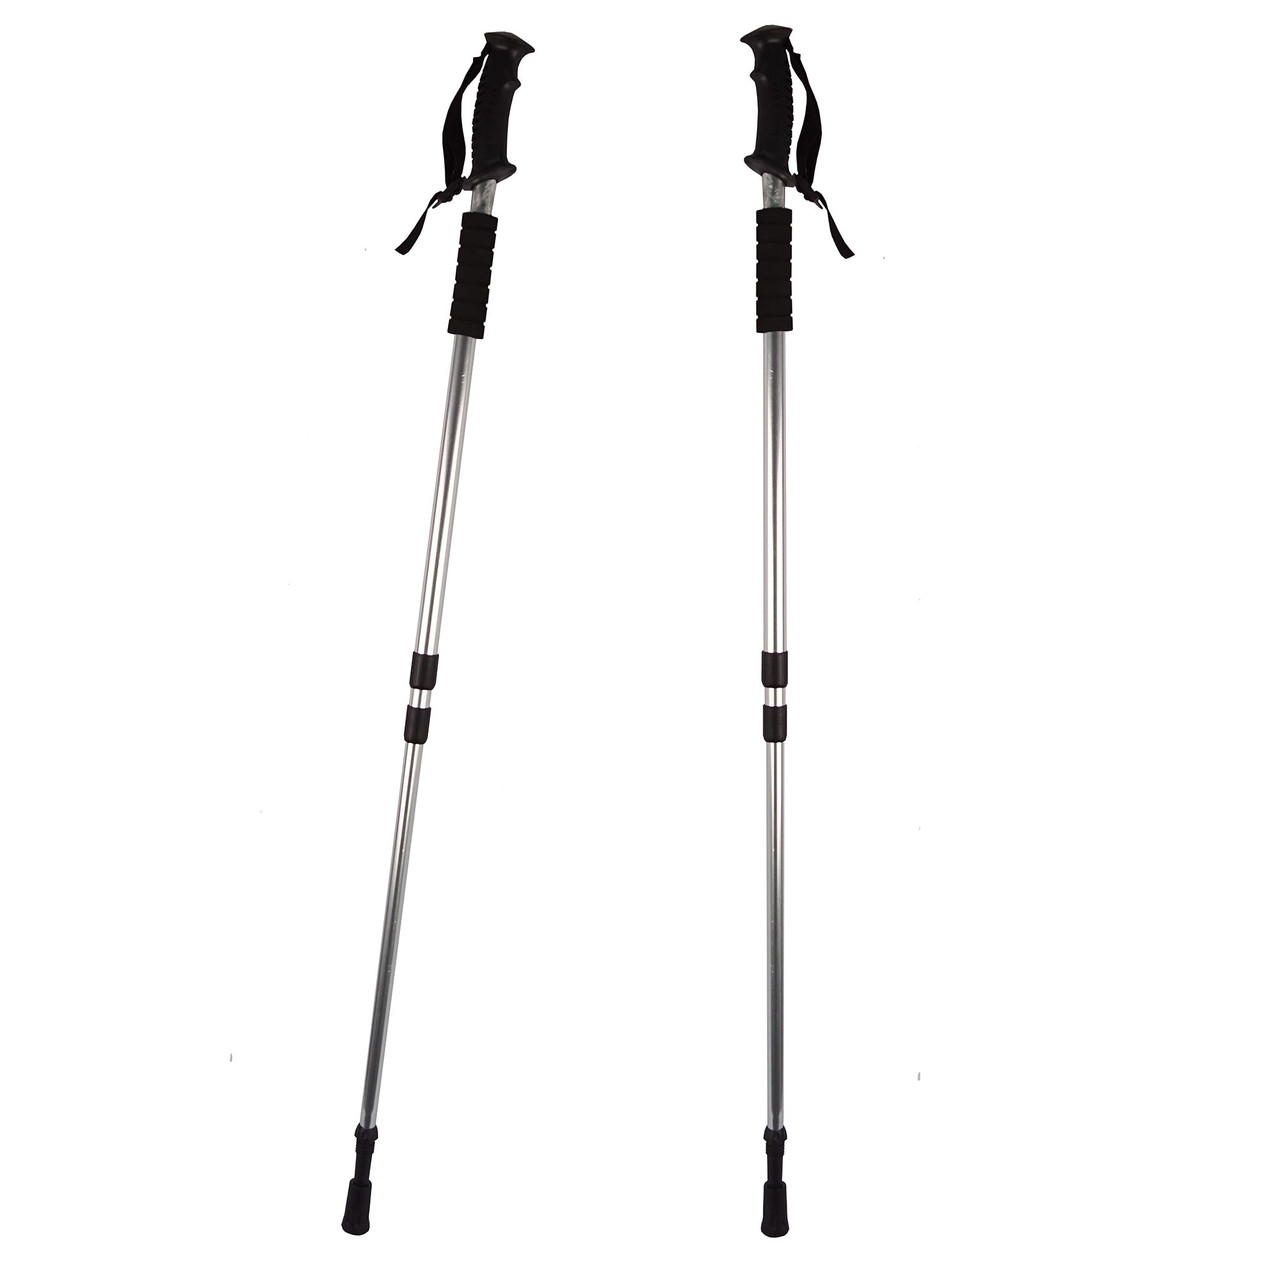 Палки телескопические для скандинавской ходьбы 2 шт.